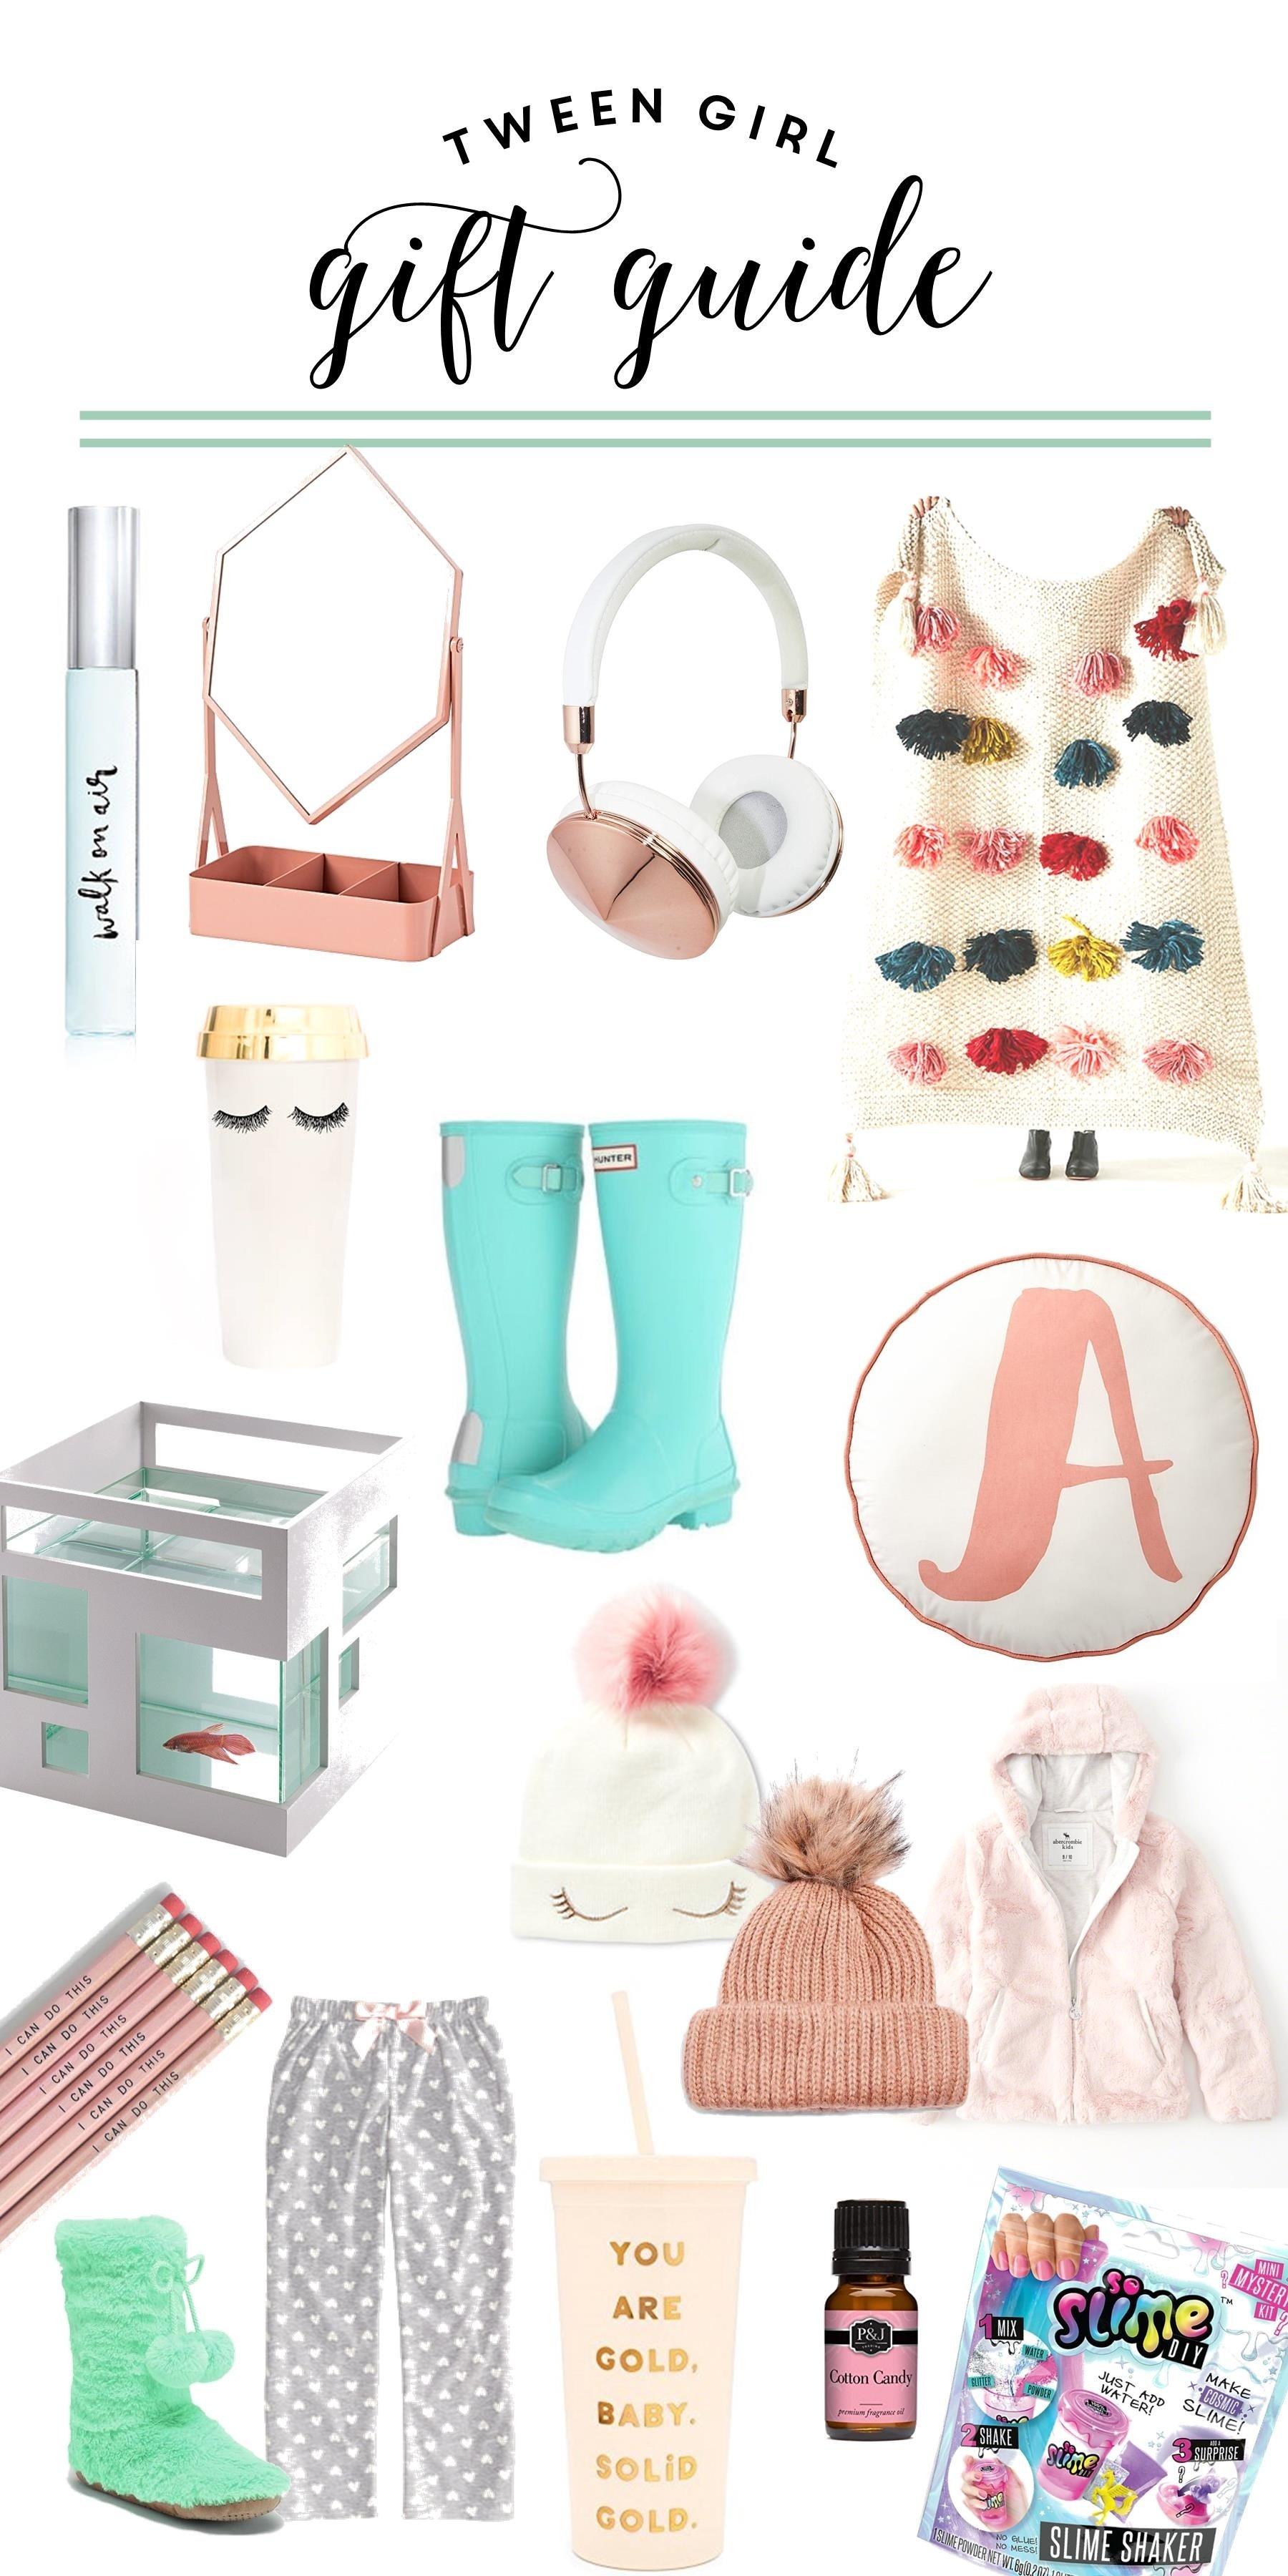 10 Attractive Tween Gift Ideas For Girls the homespun hostess 2020